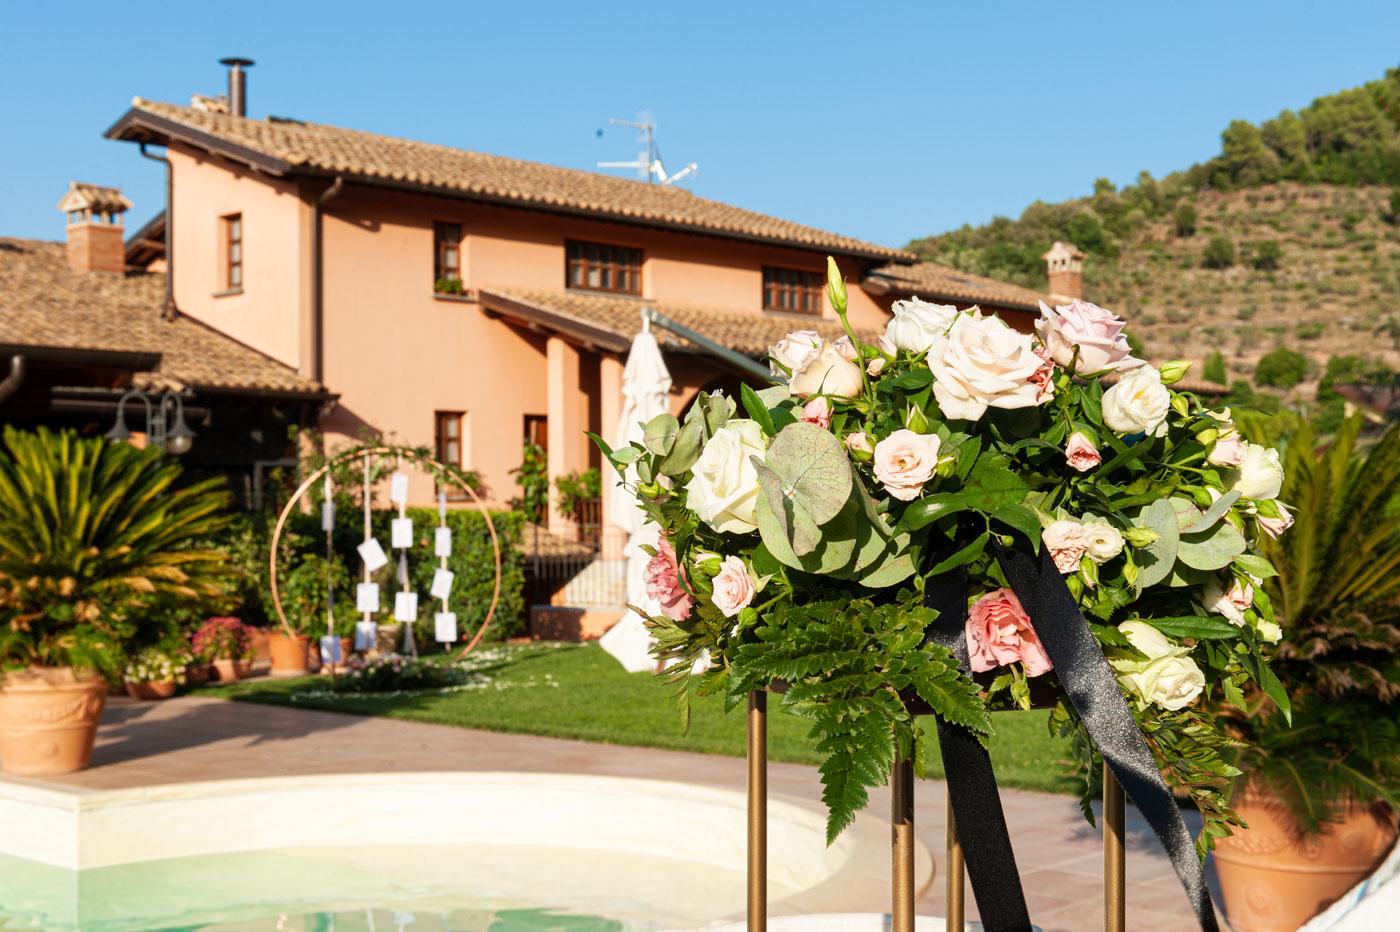 la-fattoria-spoleto-ristorante-pizzeria-albergo-dettaglio-fiori-allestimento-piscina